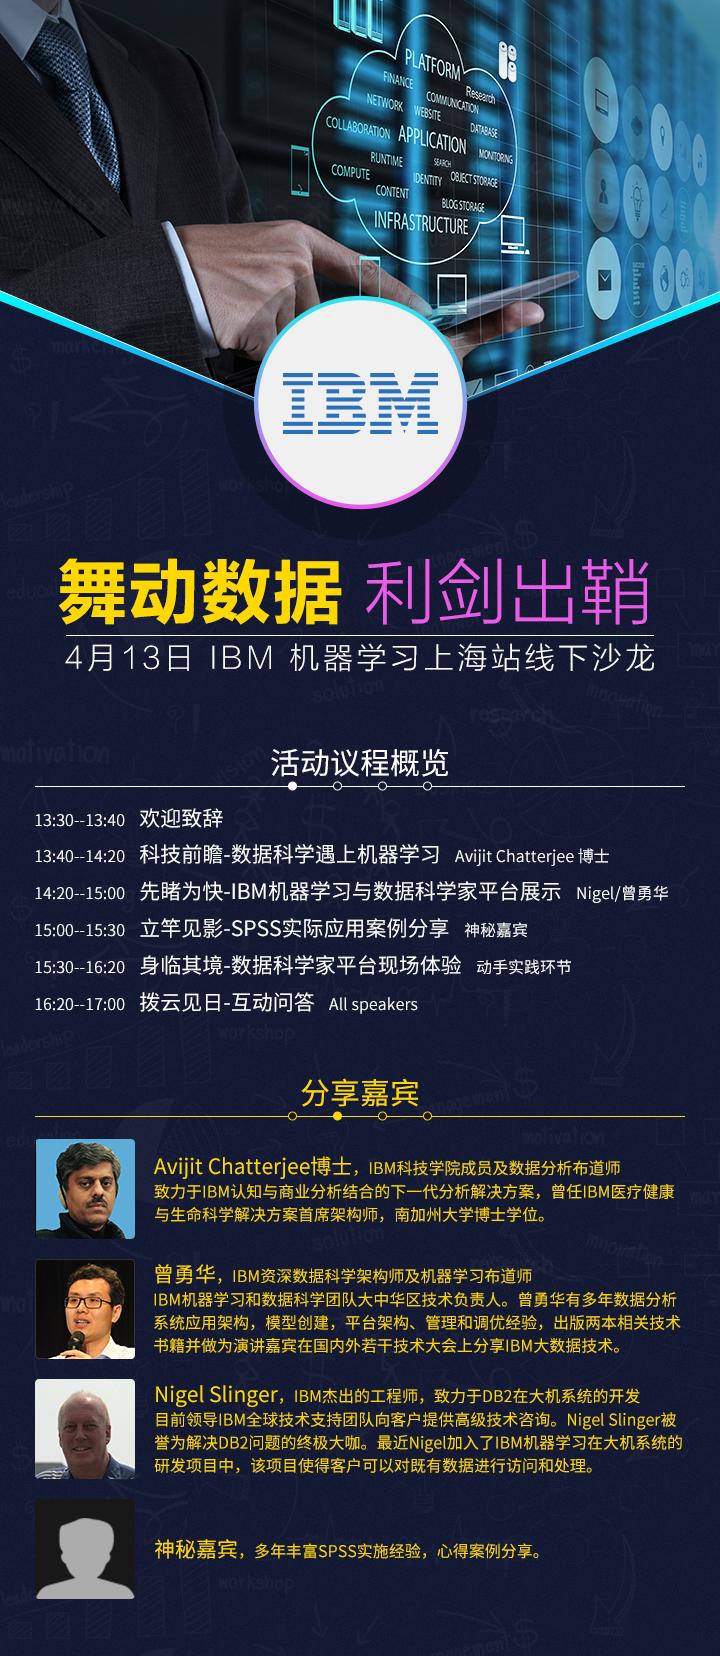 无线端:4月13日-IBM北京线下活动78 - 副本.png